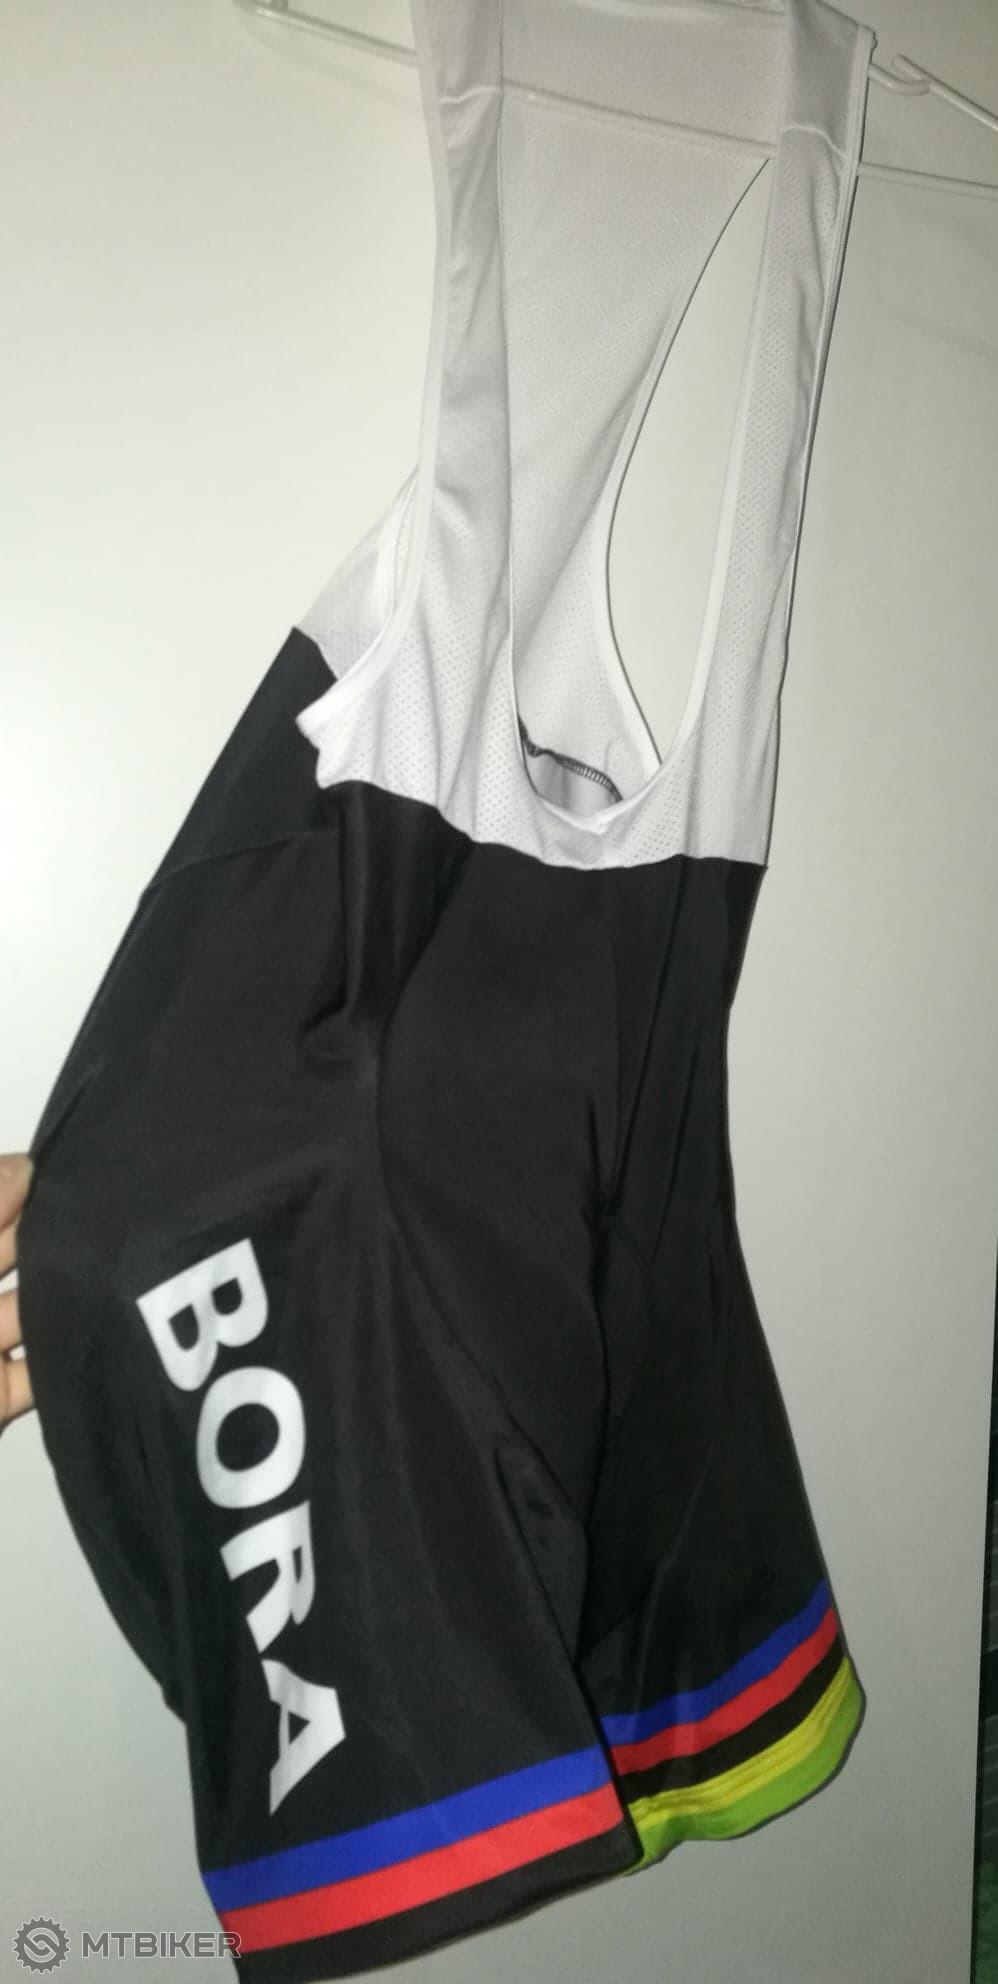 5544afc0175e9 Nohavice Bora Hansgrohe - Príslušenstvo - Oblečenie a batohy - Bazár MTBIKER